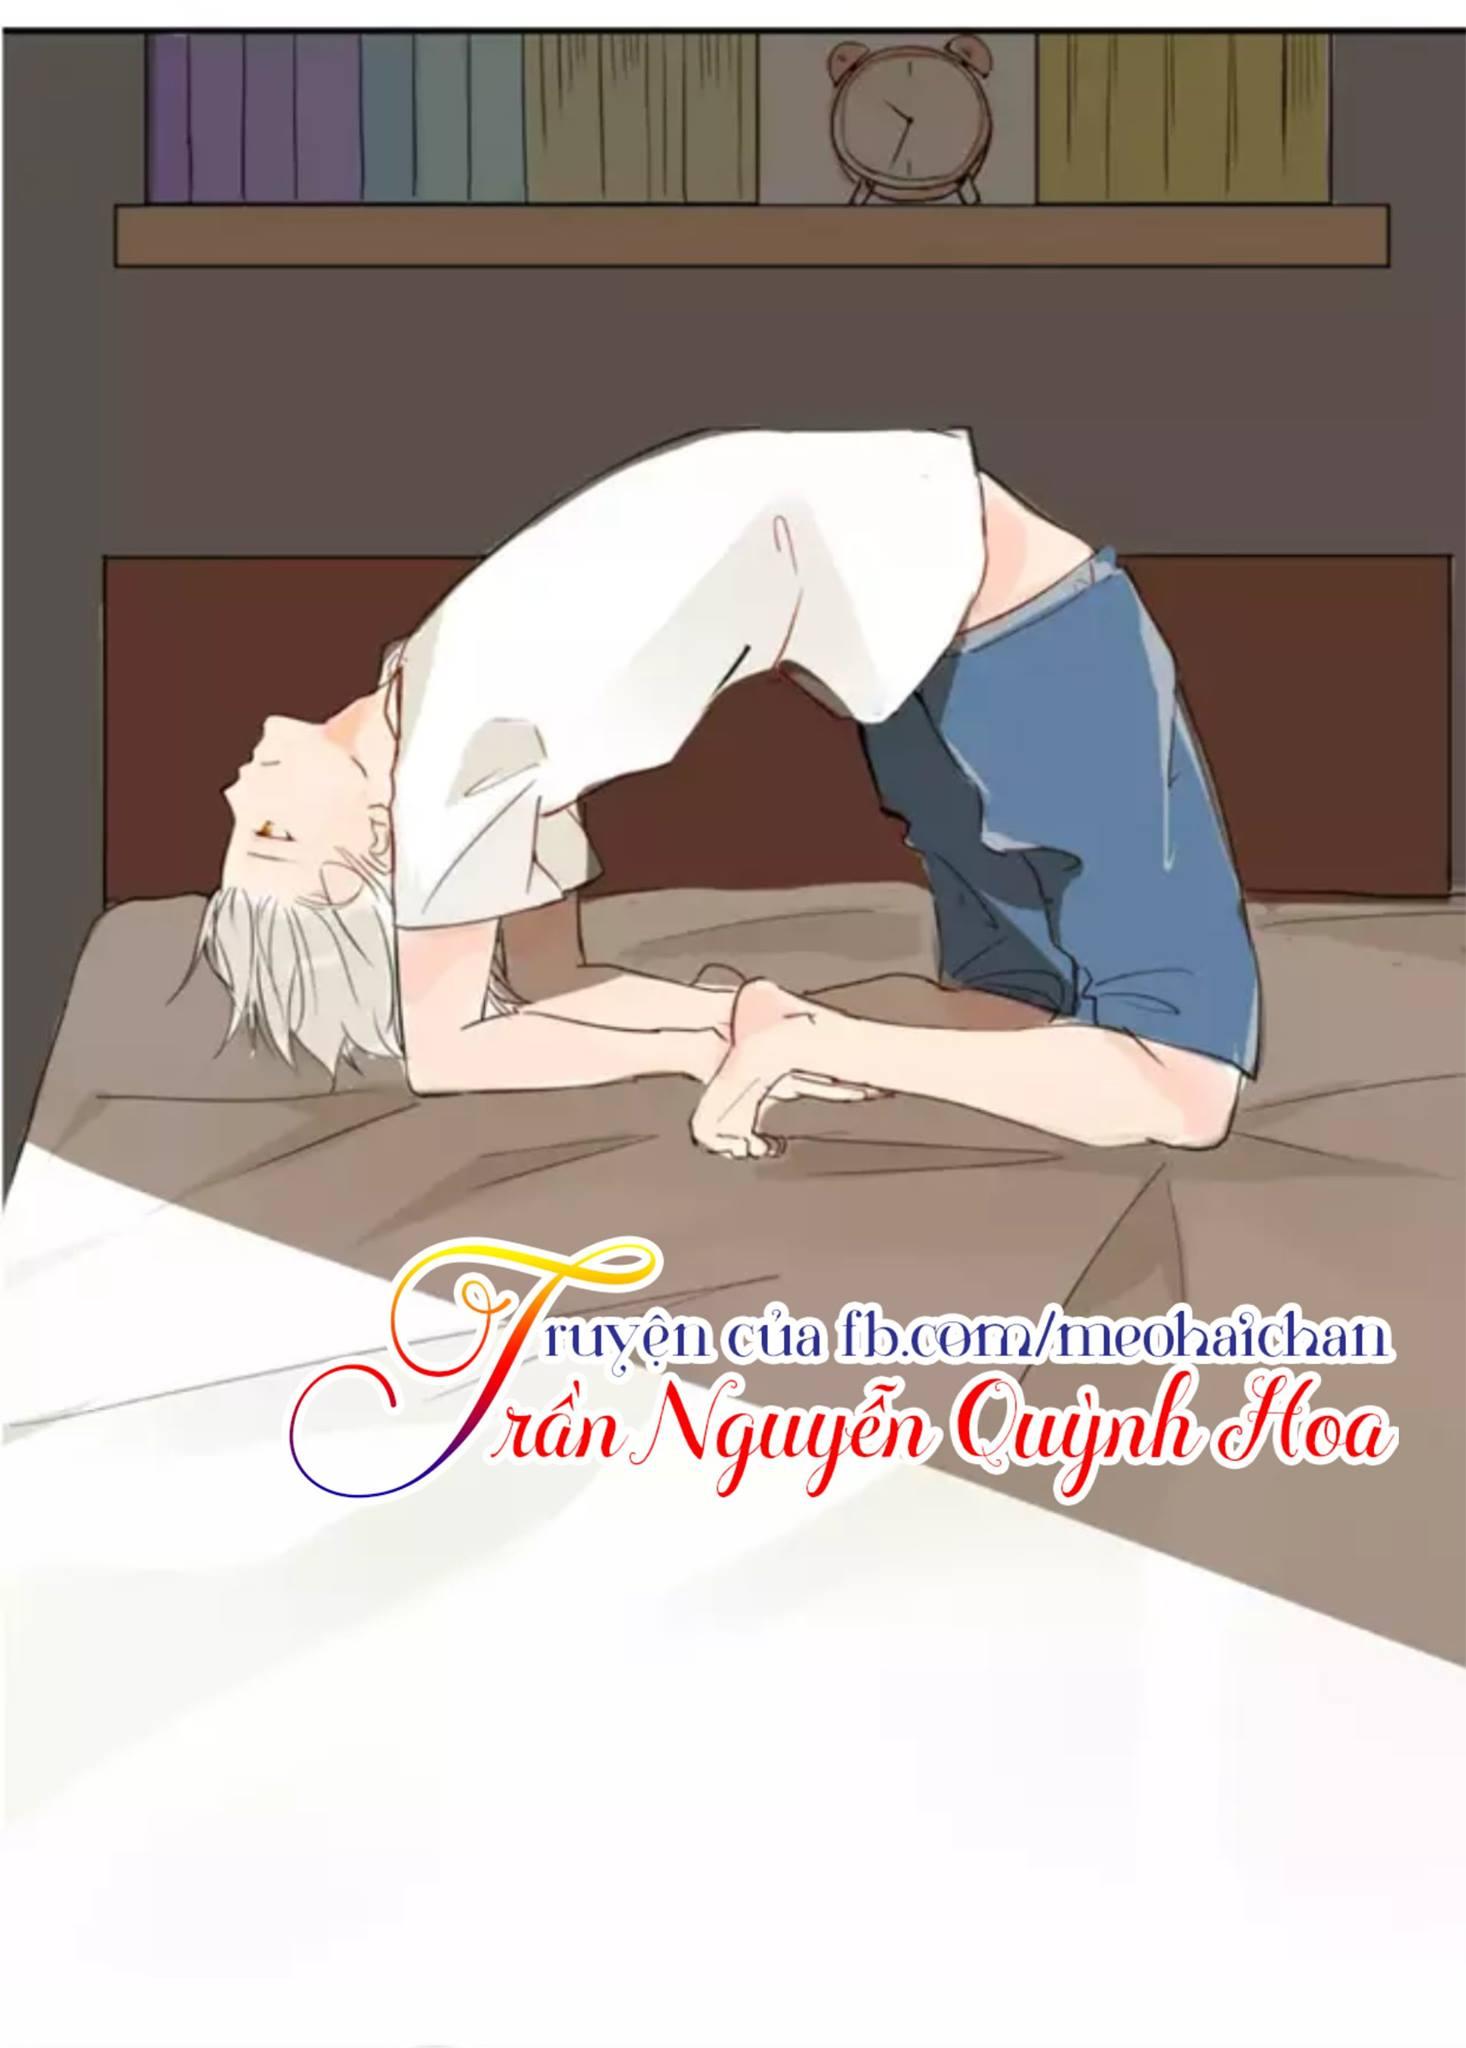 Giáo Chủ Đội Viên Đội Judo Chap 2